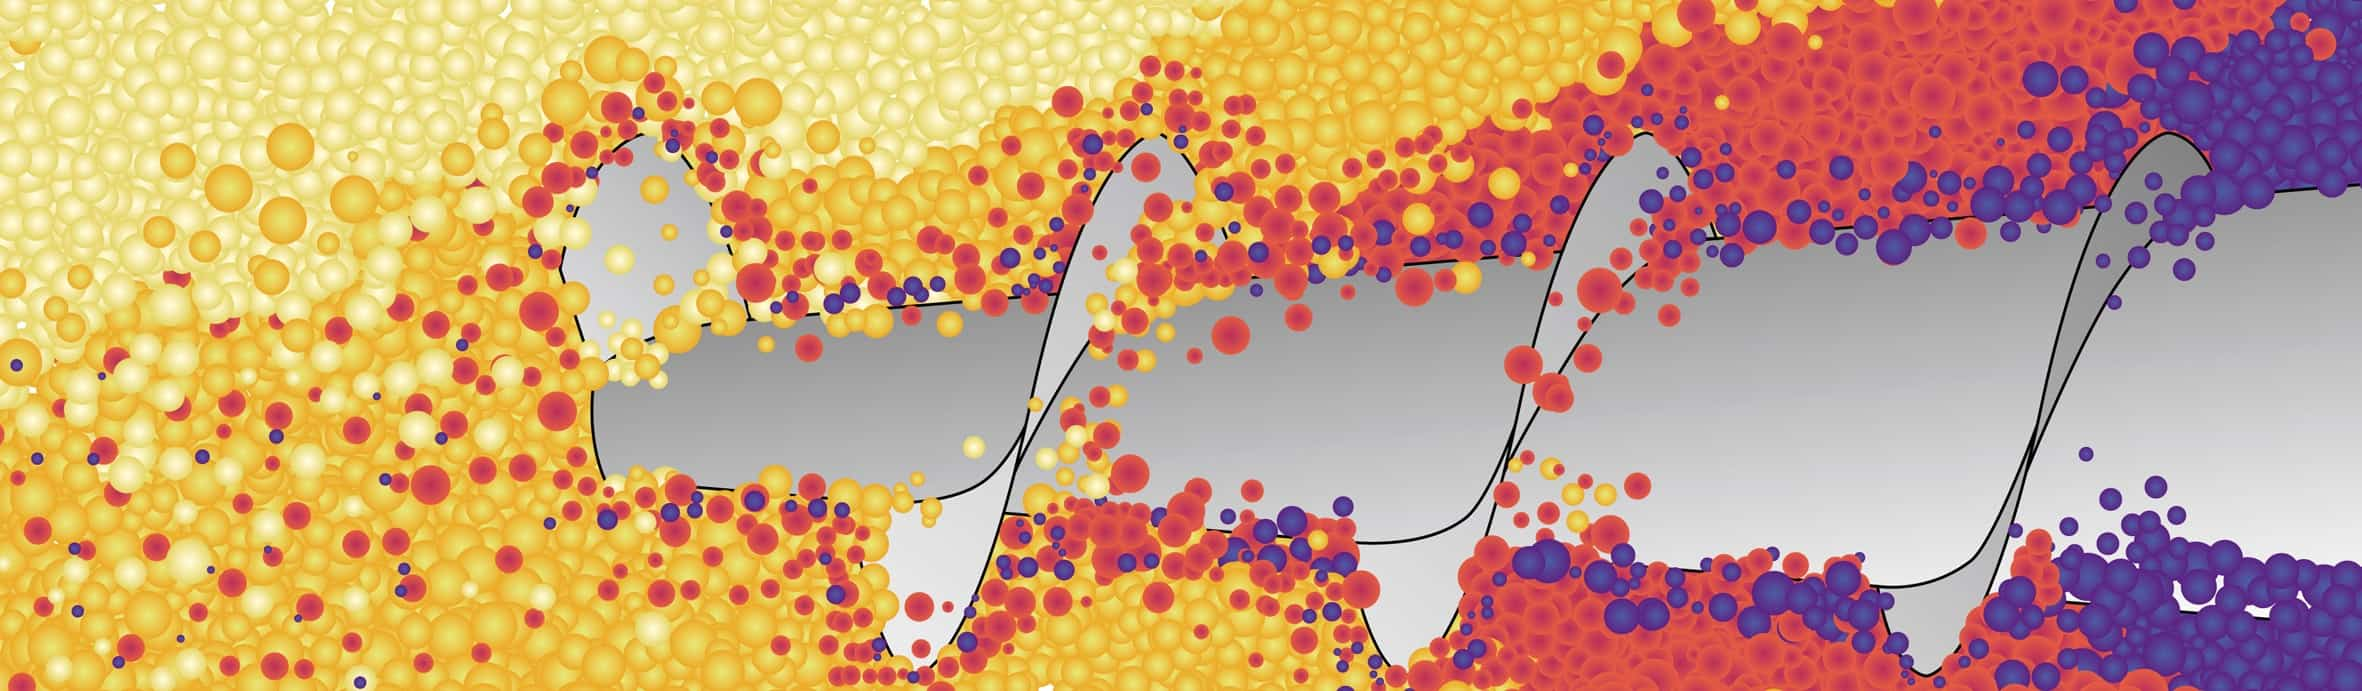 L'omogeneizzazione del conglomerato grazie alla forma conica della coclea: all'esterno l'asse della coclea per via della sua forma conica è particolarmente spesso, per cui in tale zona la coclea può accogliere e convogliare solo poco materiale relativamente freddo; al contrario del corpo base conico, il diametro dell'ala elicoidale rimane costante per tutta la lunghezza della coclea, per cui lo spazio per il materiale da convogliare diventa sempre maggiore. Il risultato è che il poco materiale leggermente più freddo proveniente dall'esterno si mescola con sempre più materiale più caldo proveniente dal centro della tramoggia. La temperatura diventa nel complesso omogenea